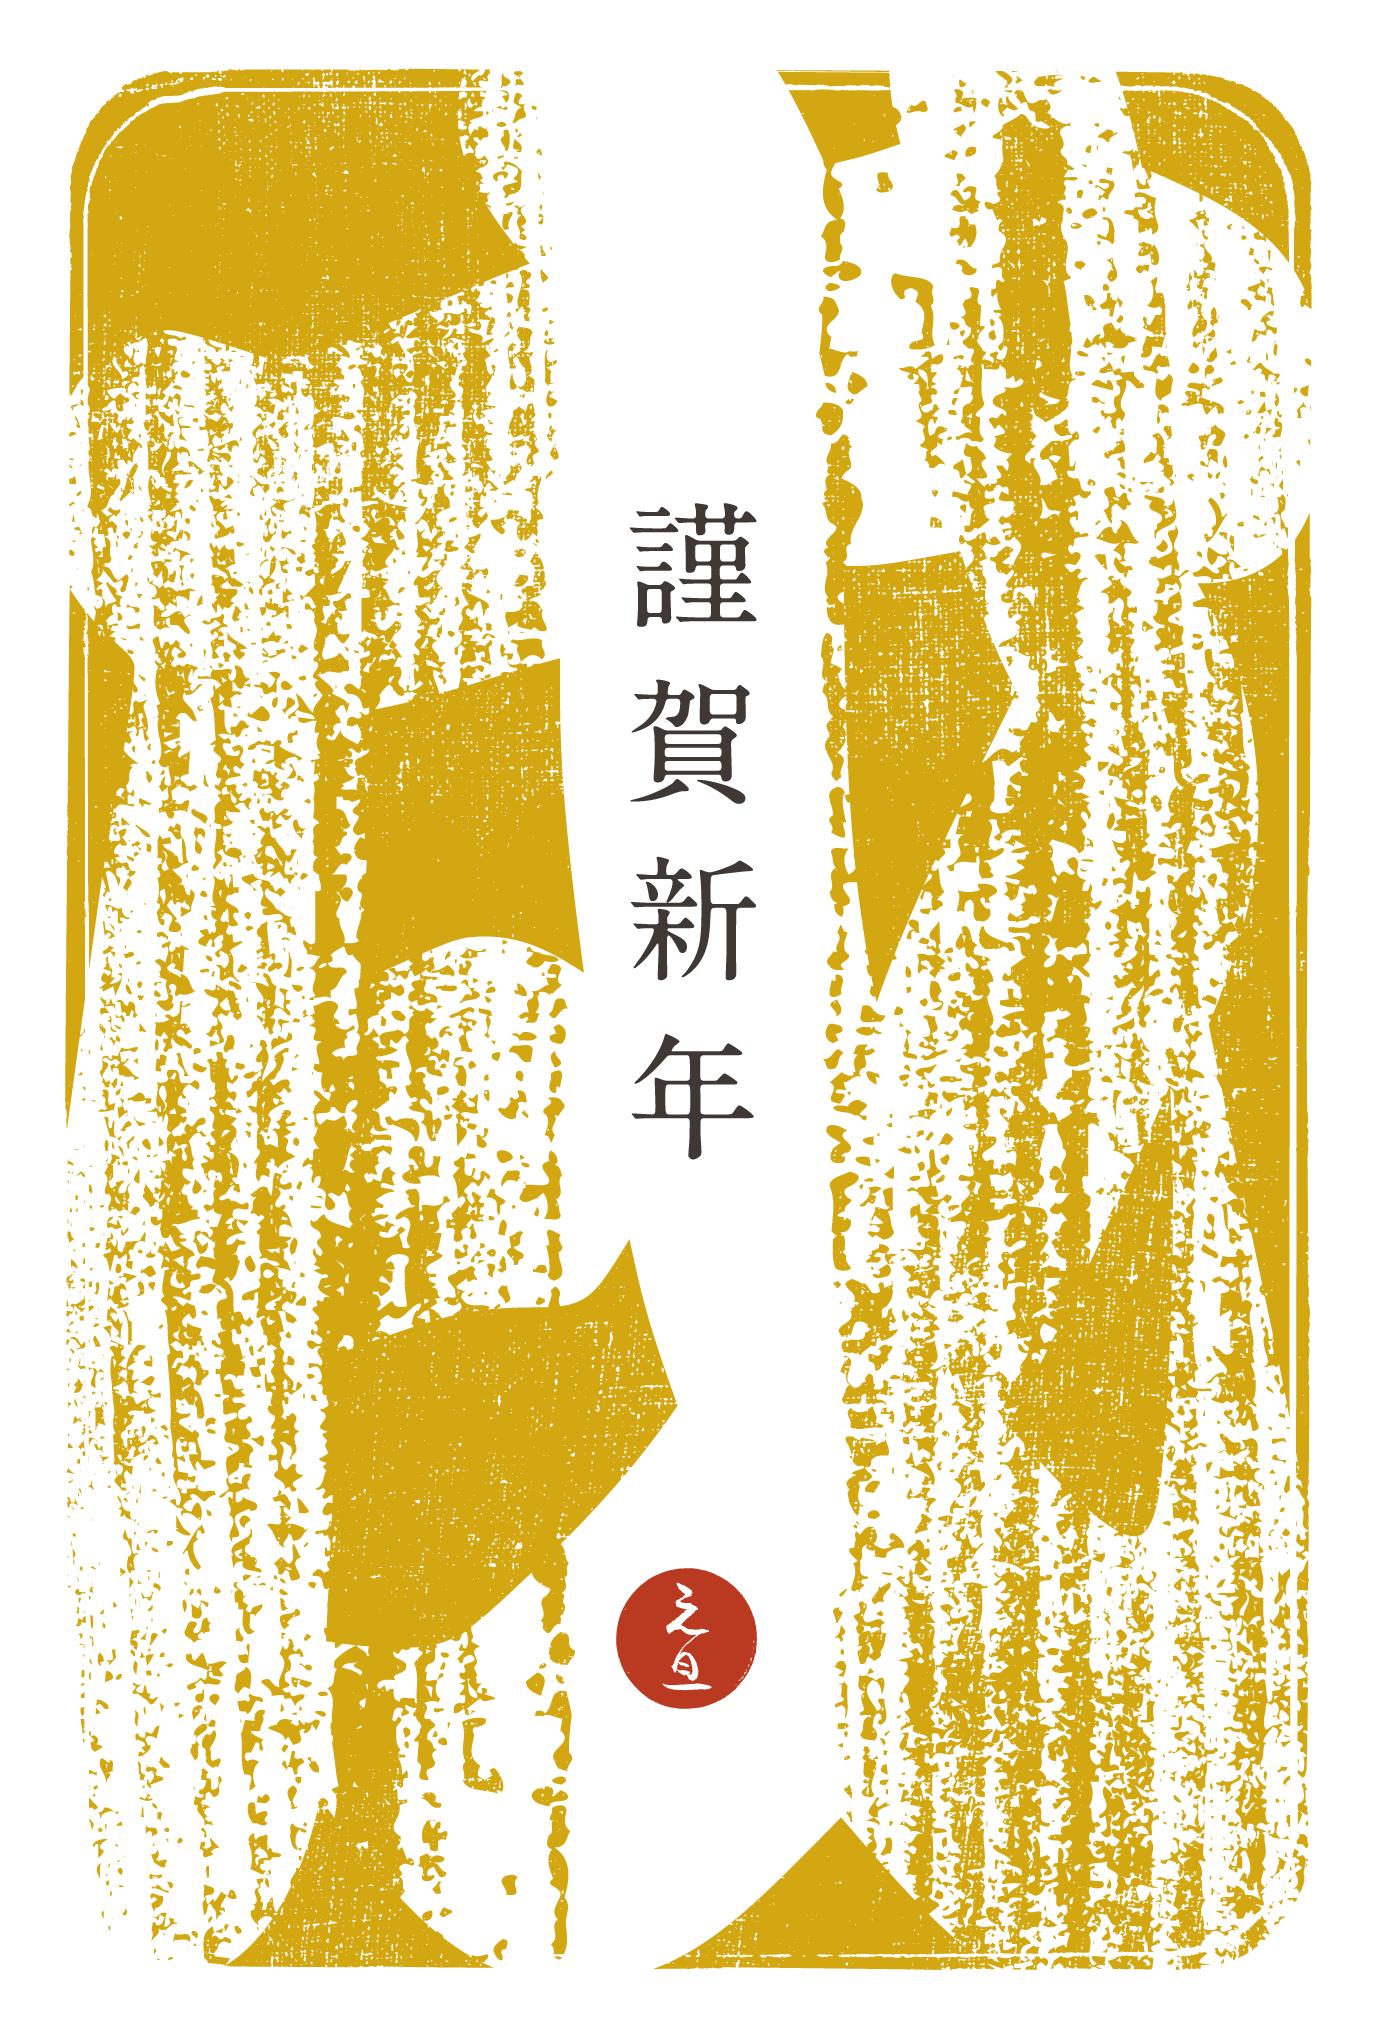 2018年賀状03-2:江戸勘亭流(戌)芥子色のダウンロード画像